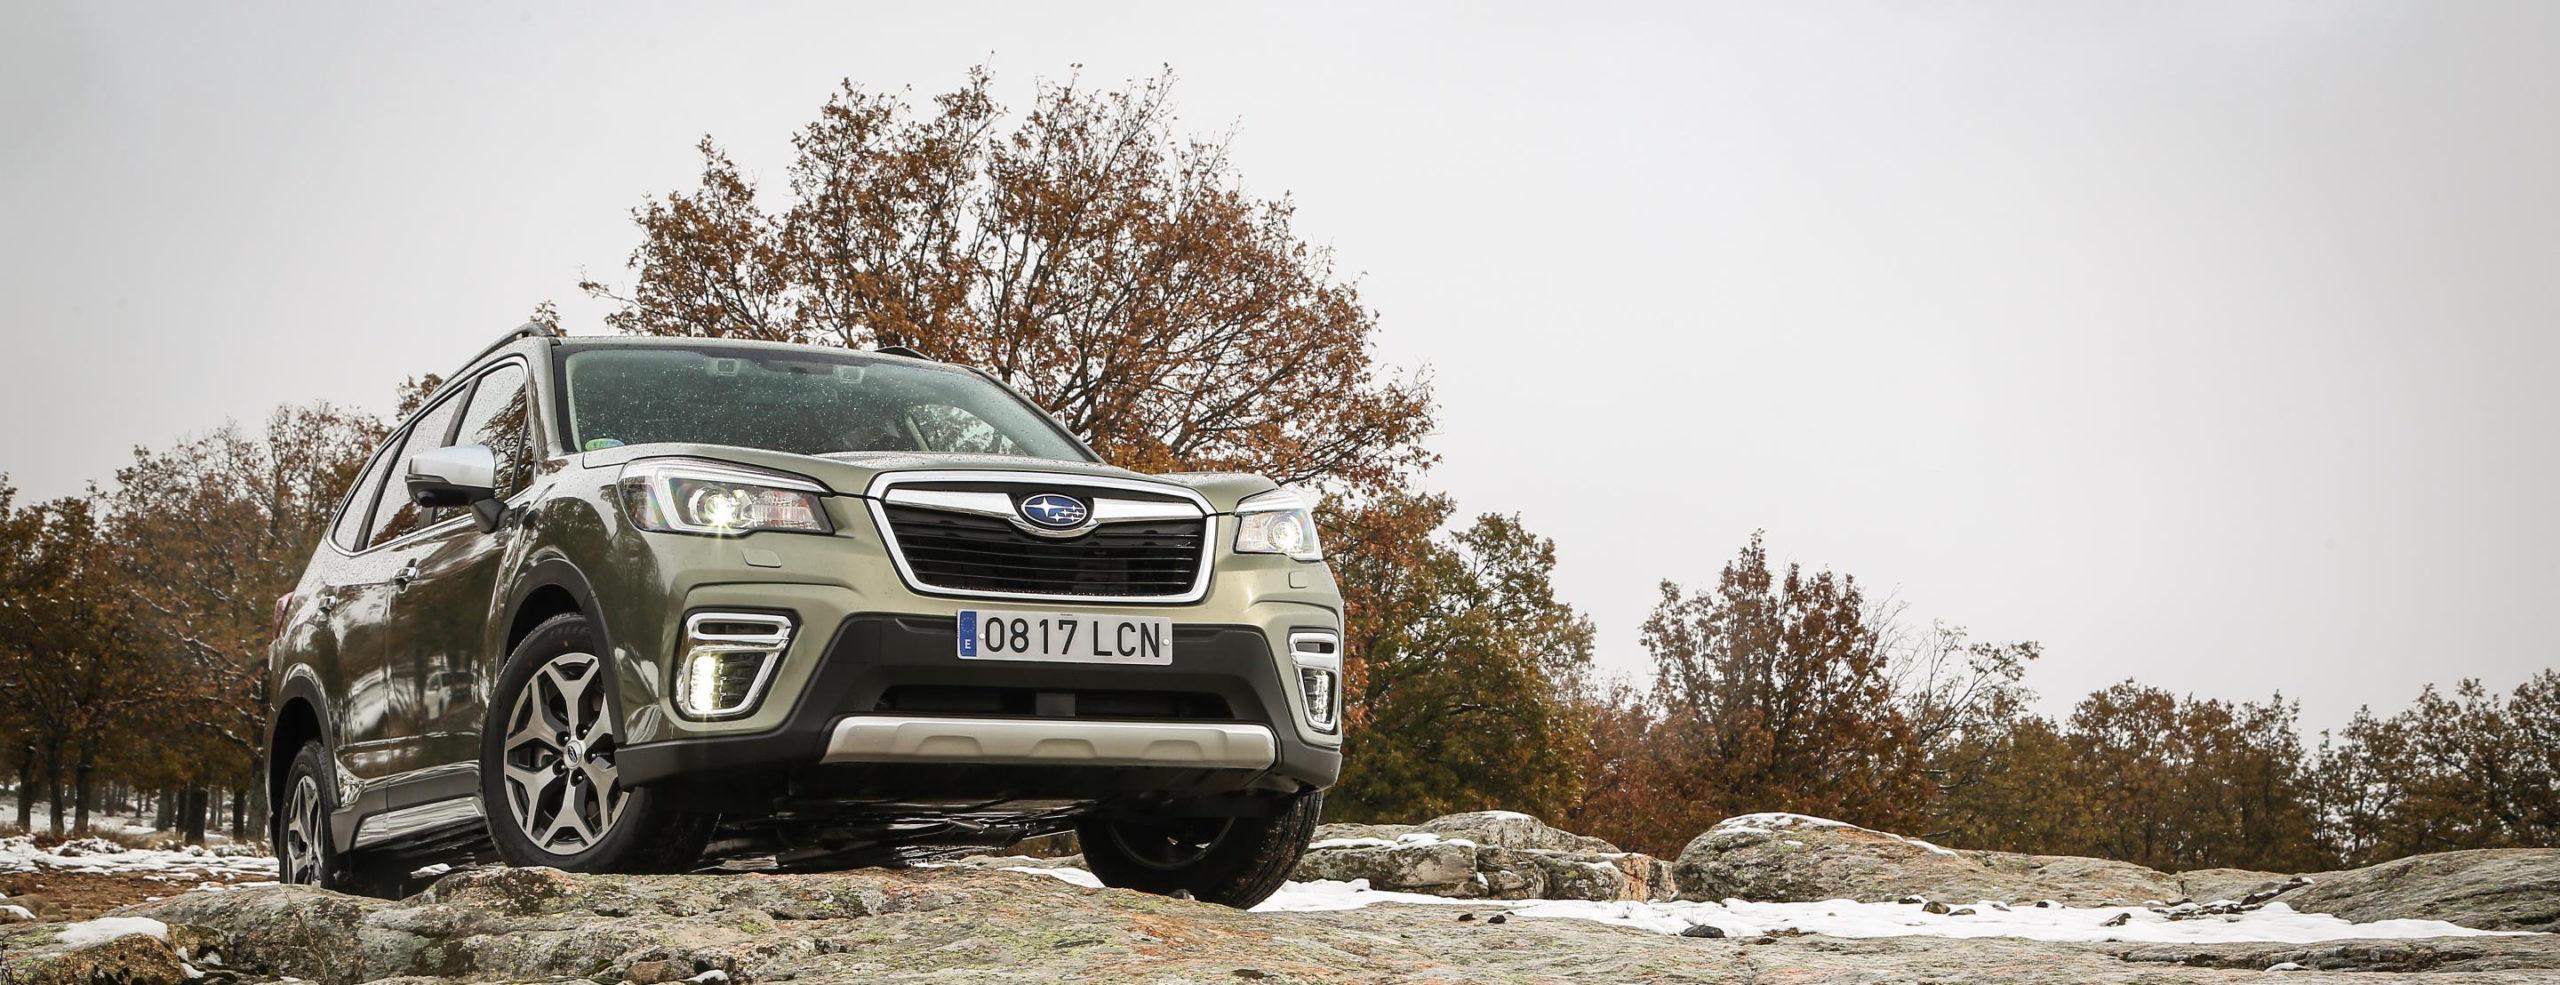 Subaru Forester ECO HYBRID maxima calificacion Euro NCAP y la mejor calificacion en su categoría